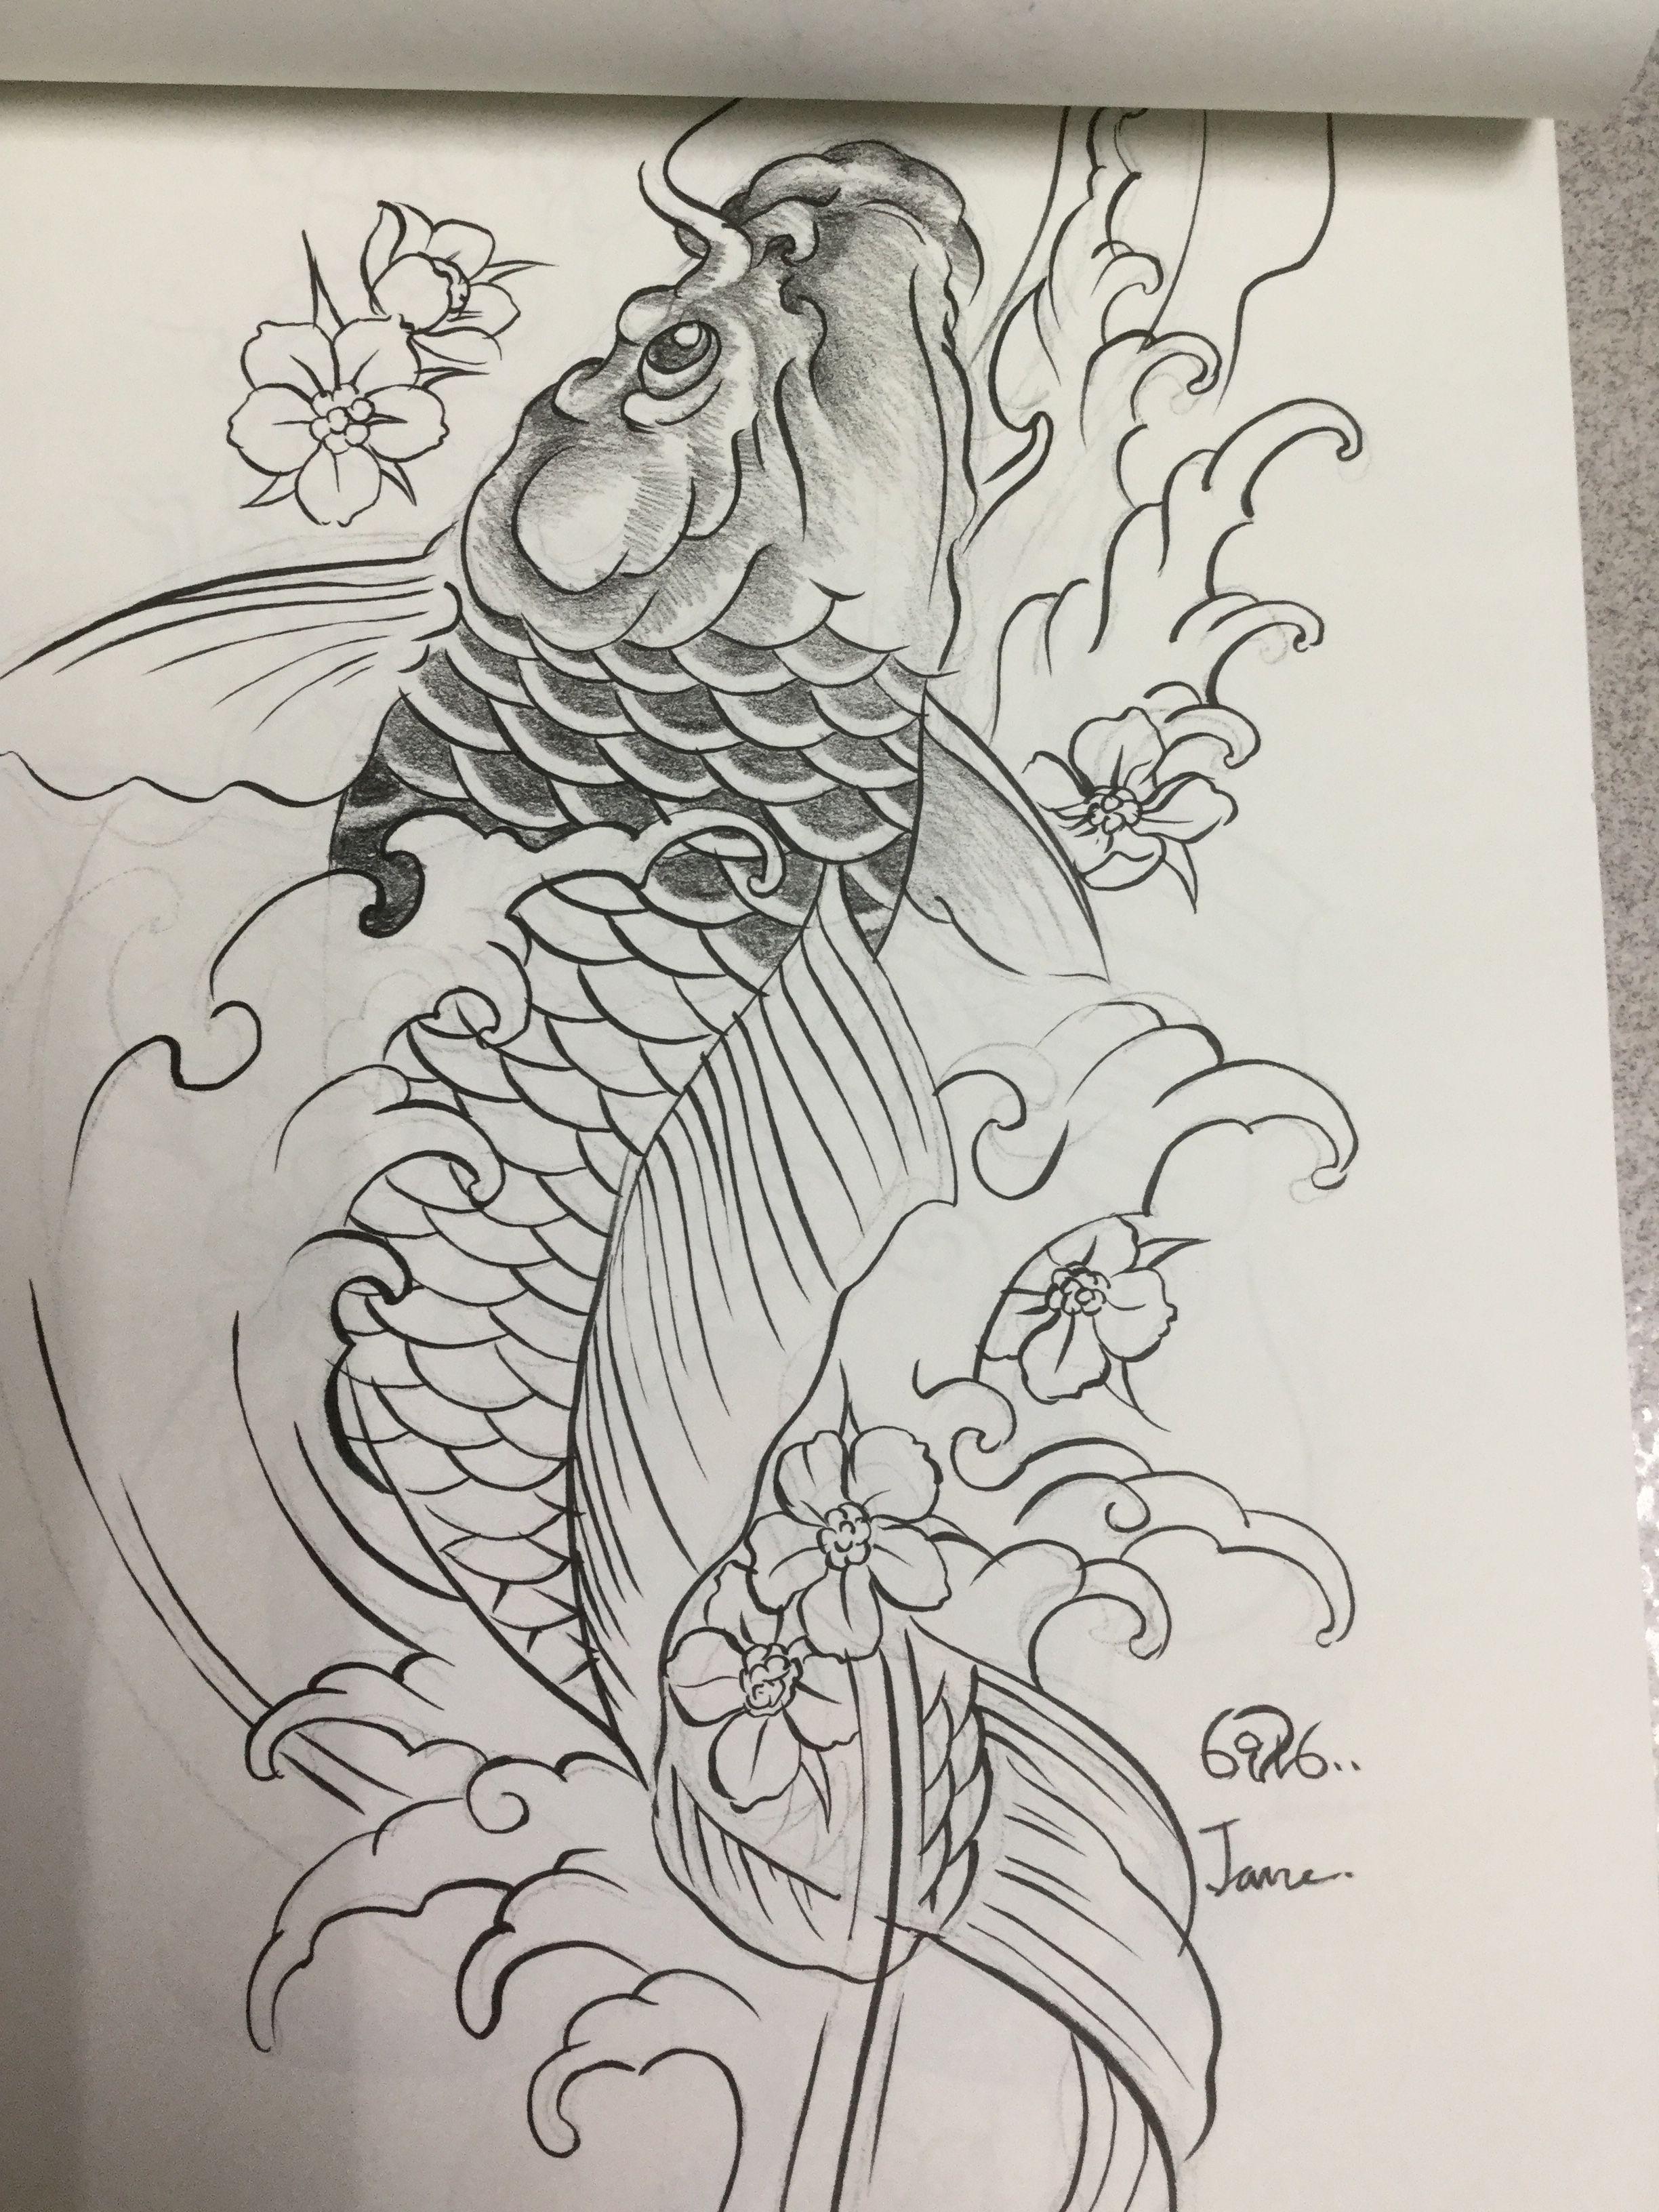 Ideia Por Jane Tattoo Phuket Em Art Desenhos Para Tatuagem Desenho